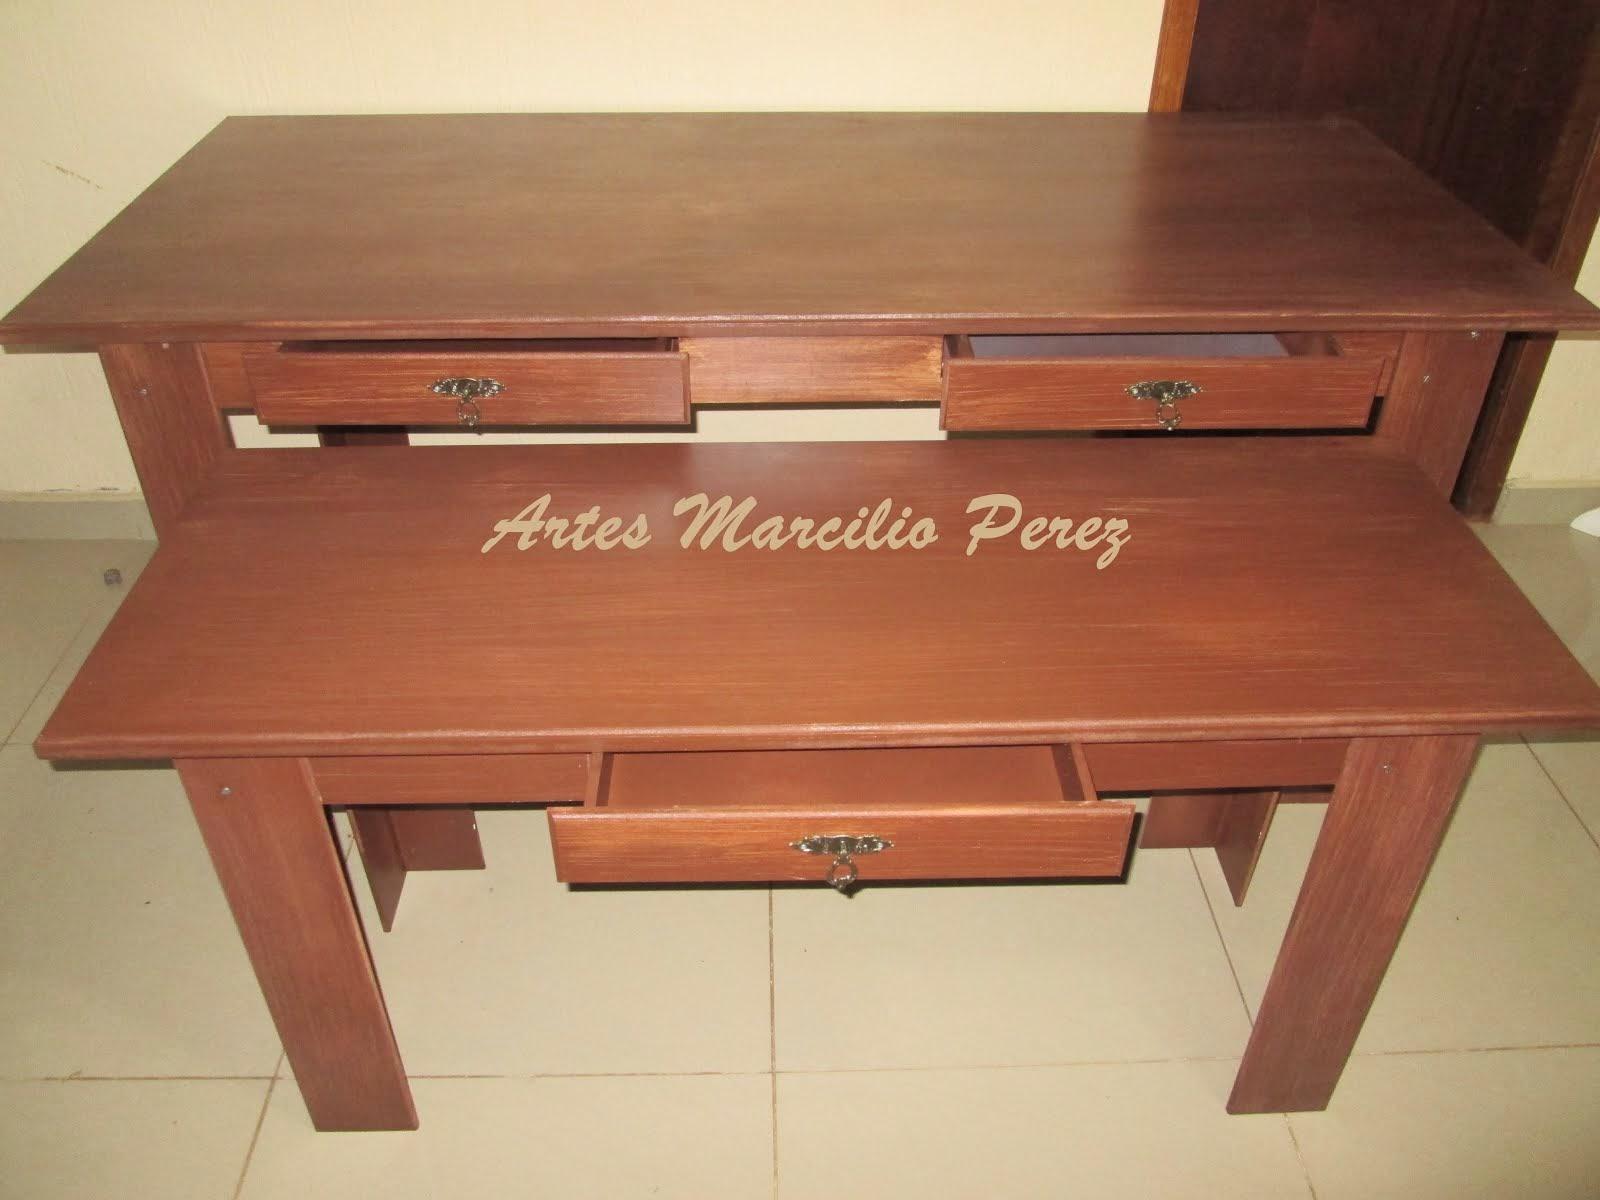 Conjunto de mesas rusticas com gavetas R$ 920,00 medidas  1.80x80x80A e 1.40x50x65A